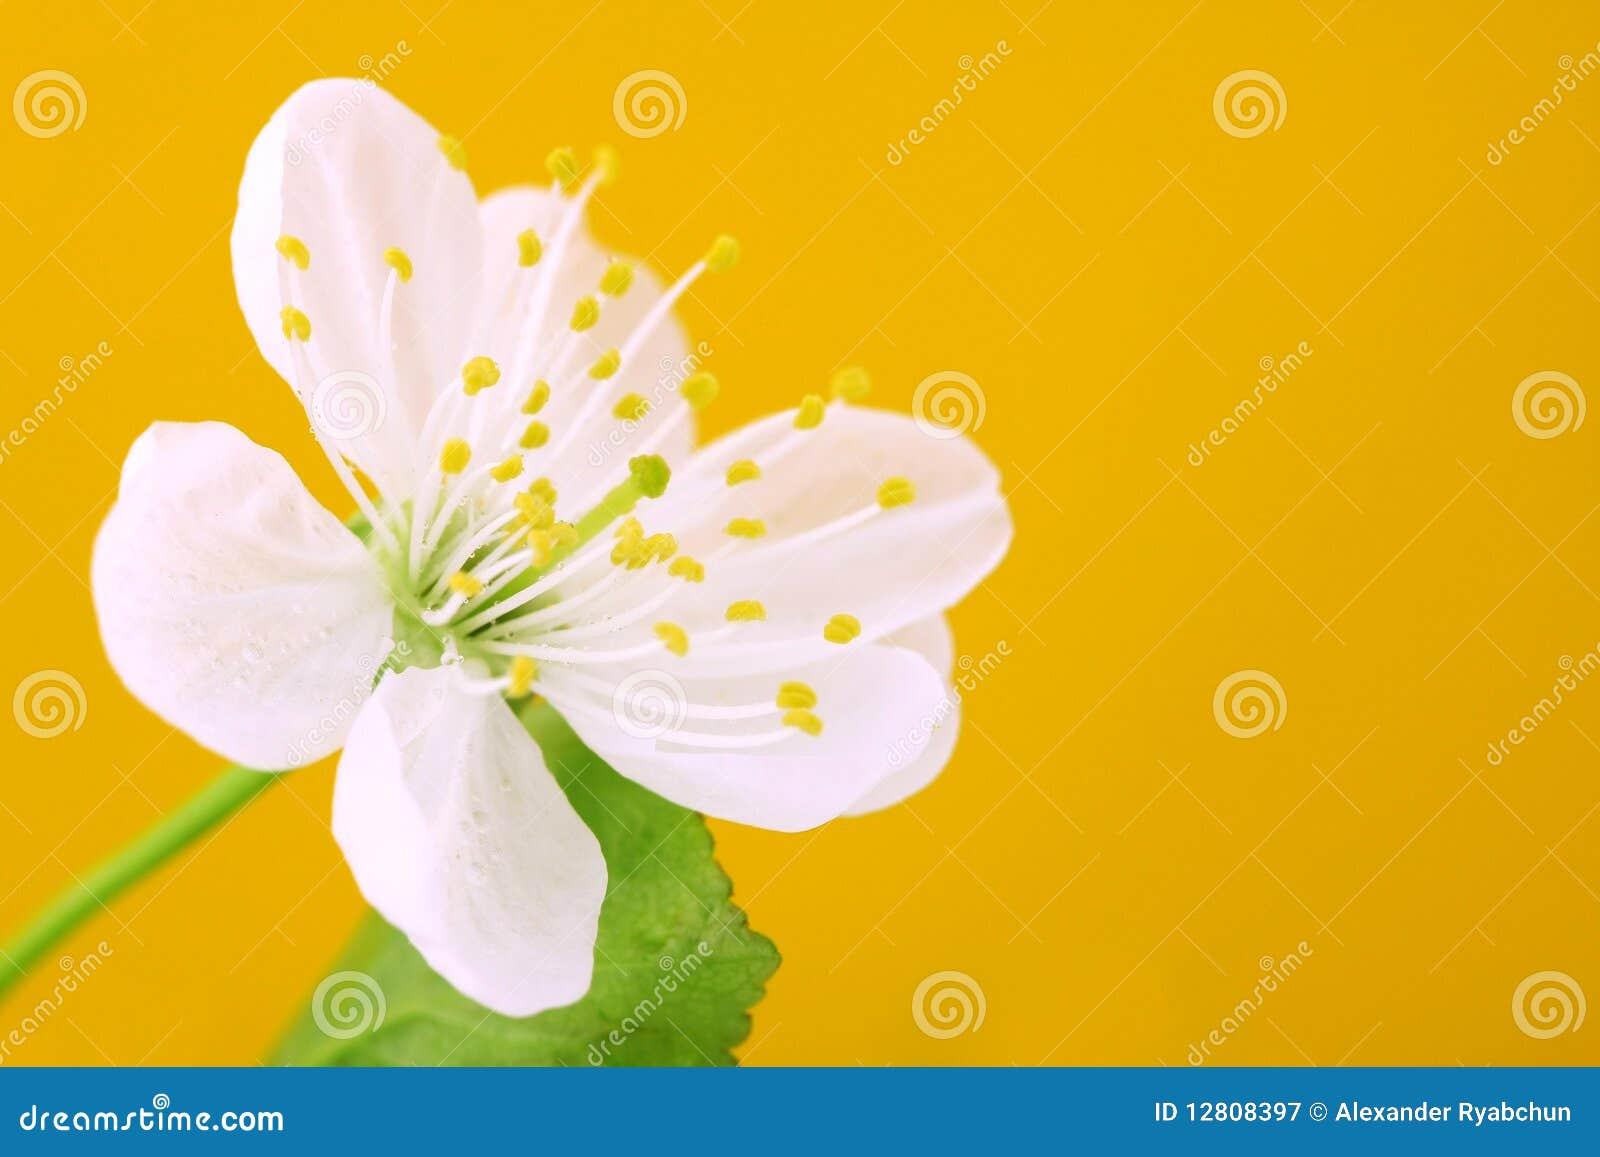 Close-up das flores de cereja